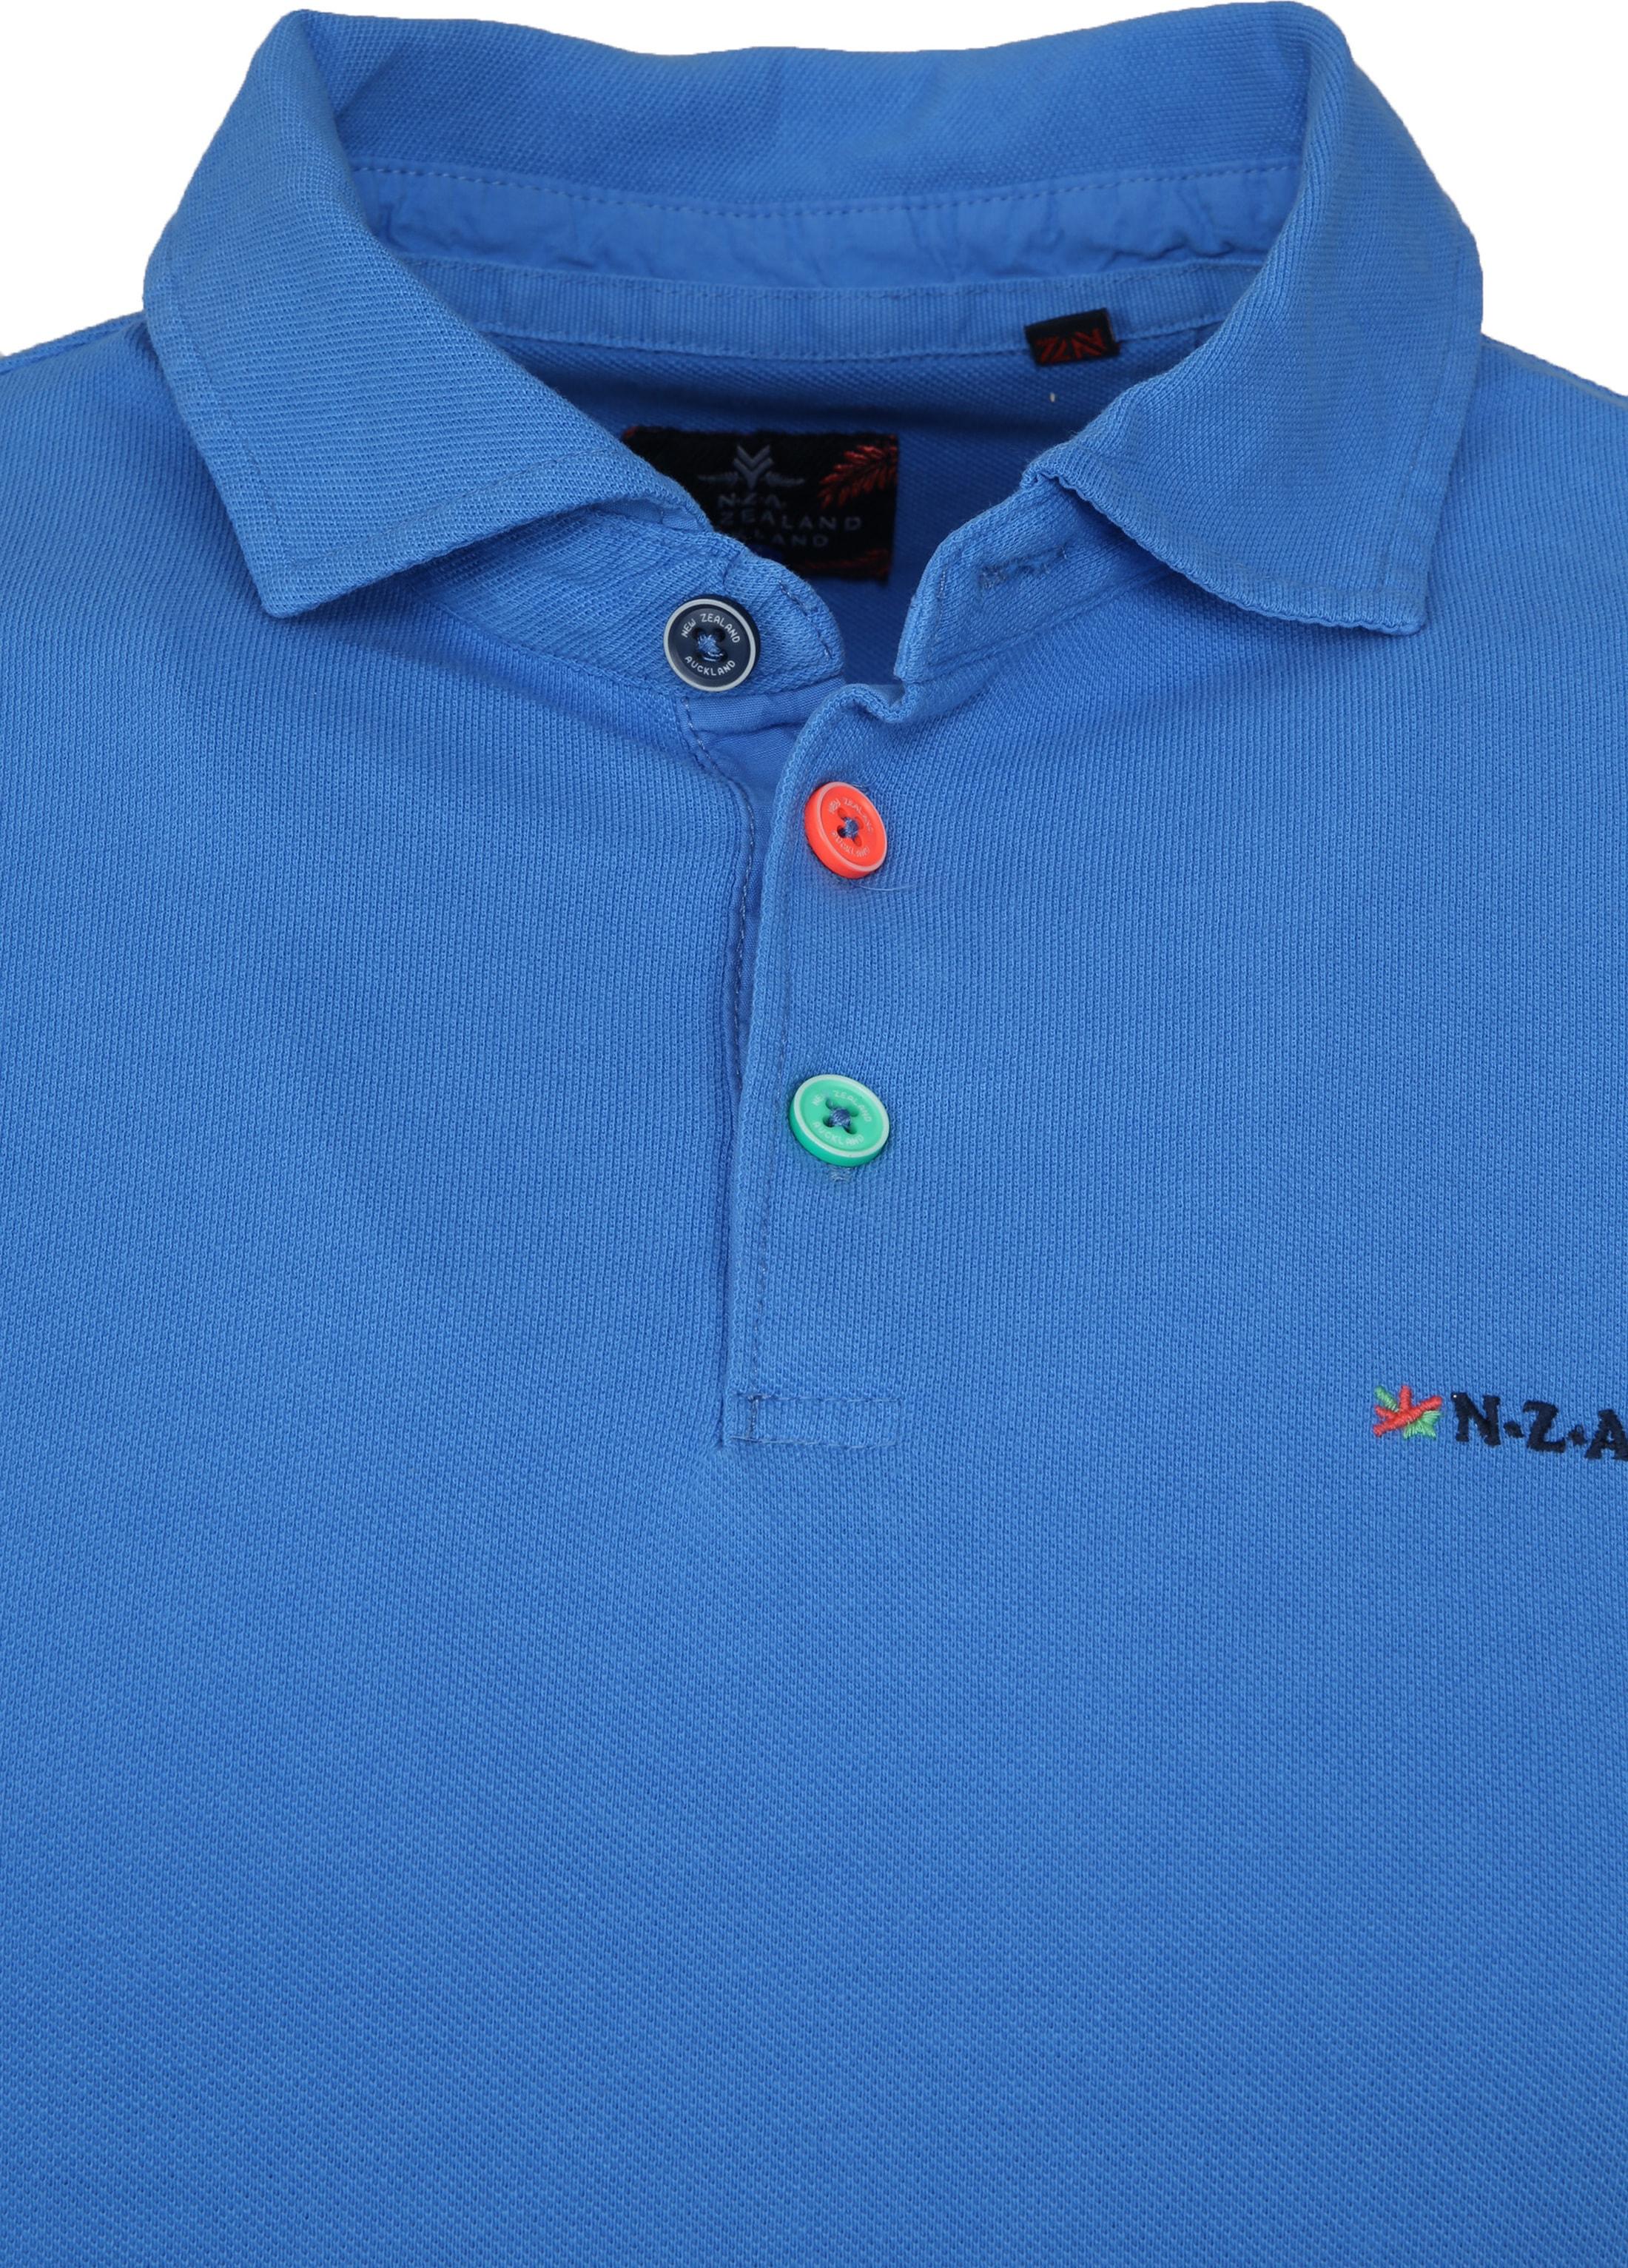 NZA Poloshirt Waiapu Blue foto 1